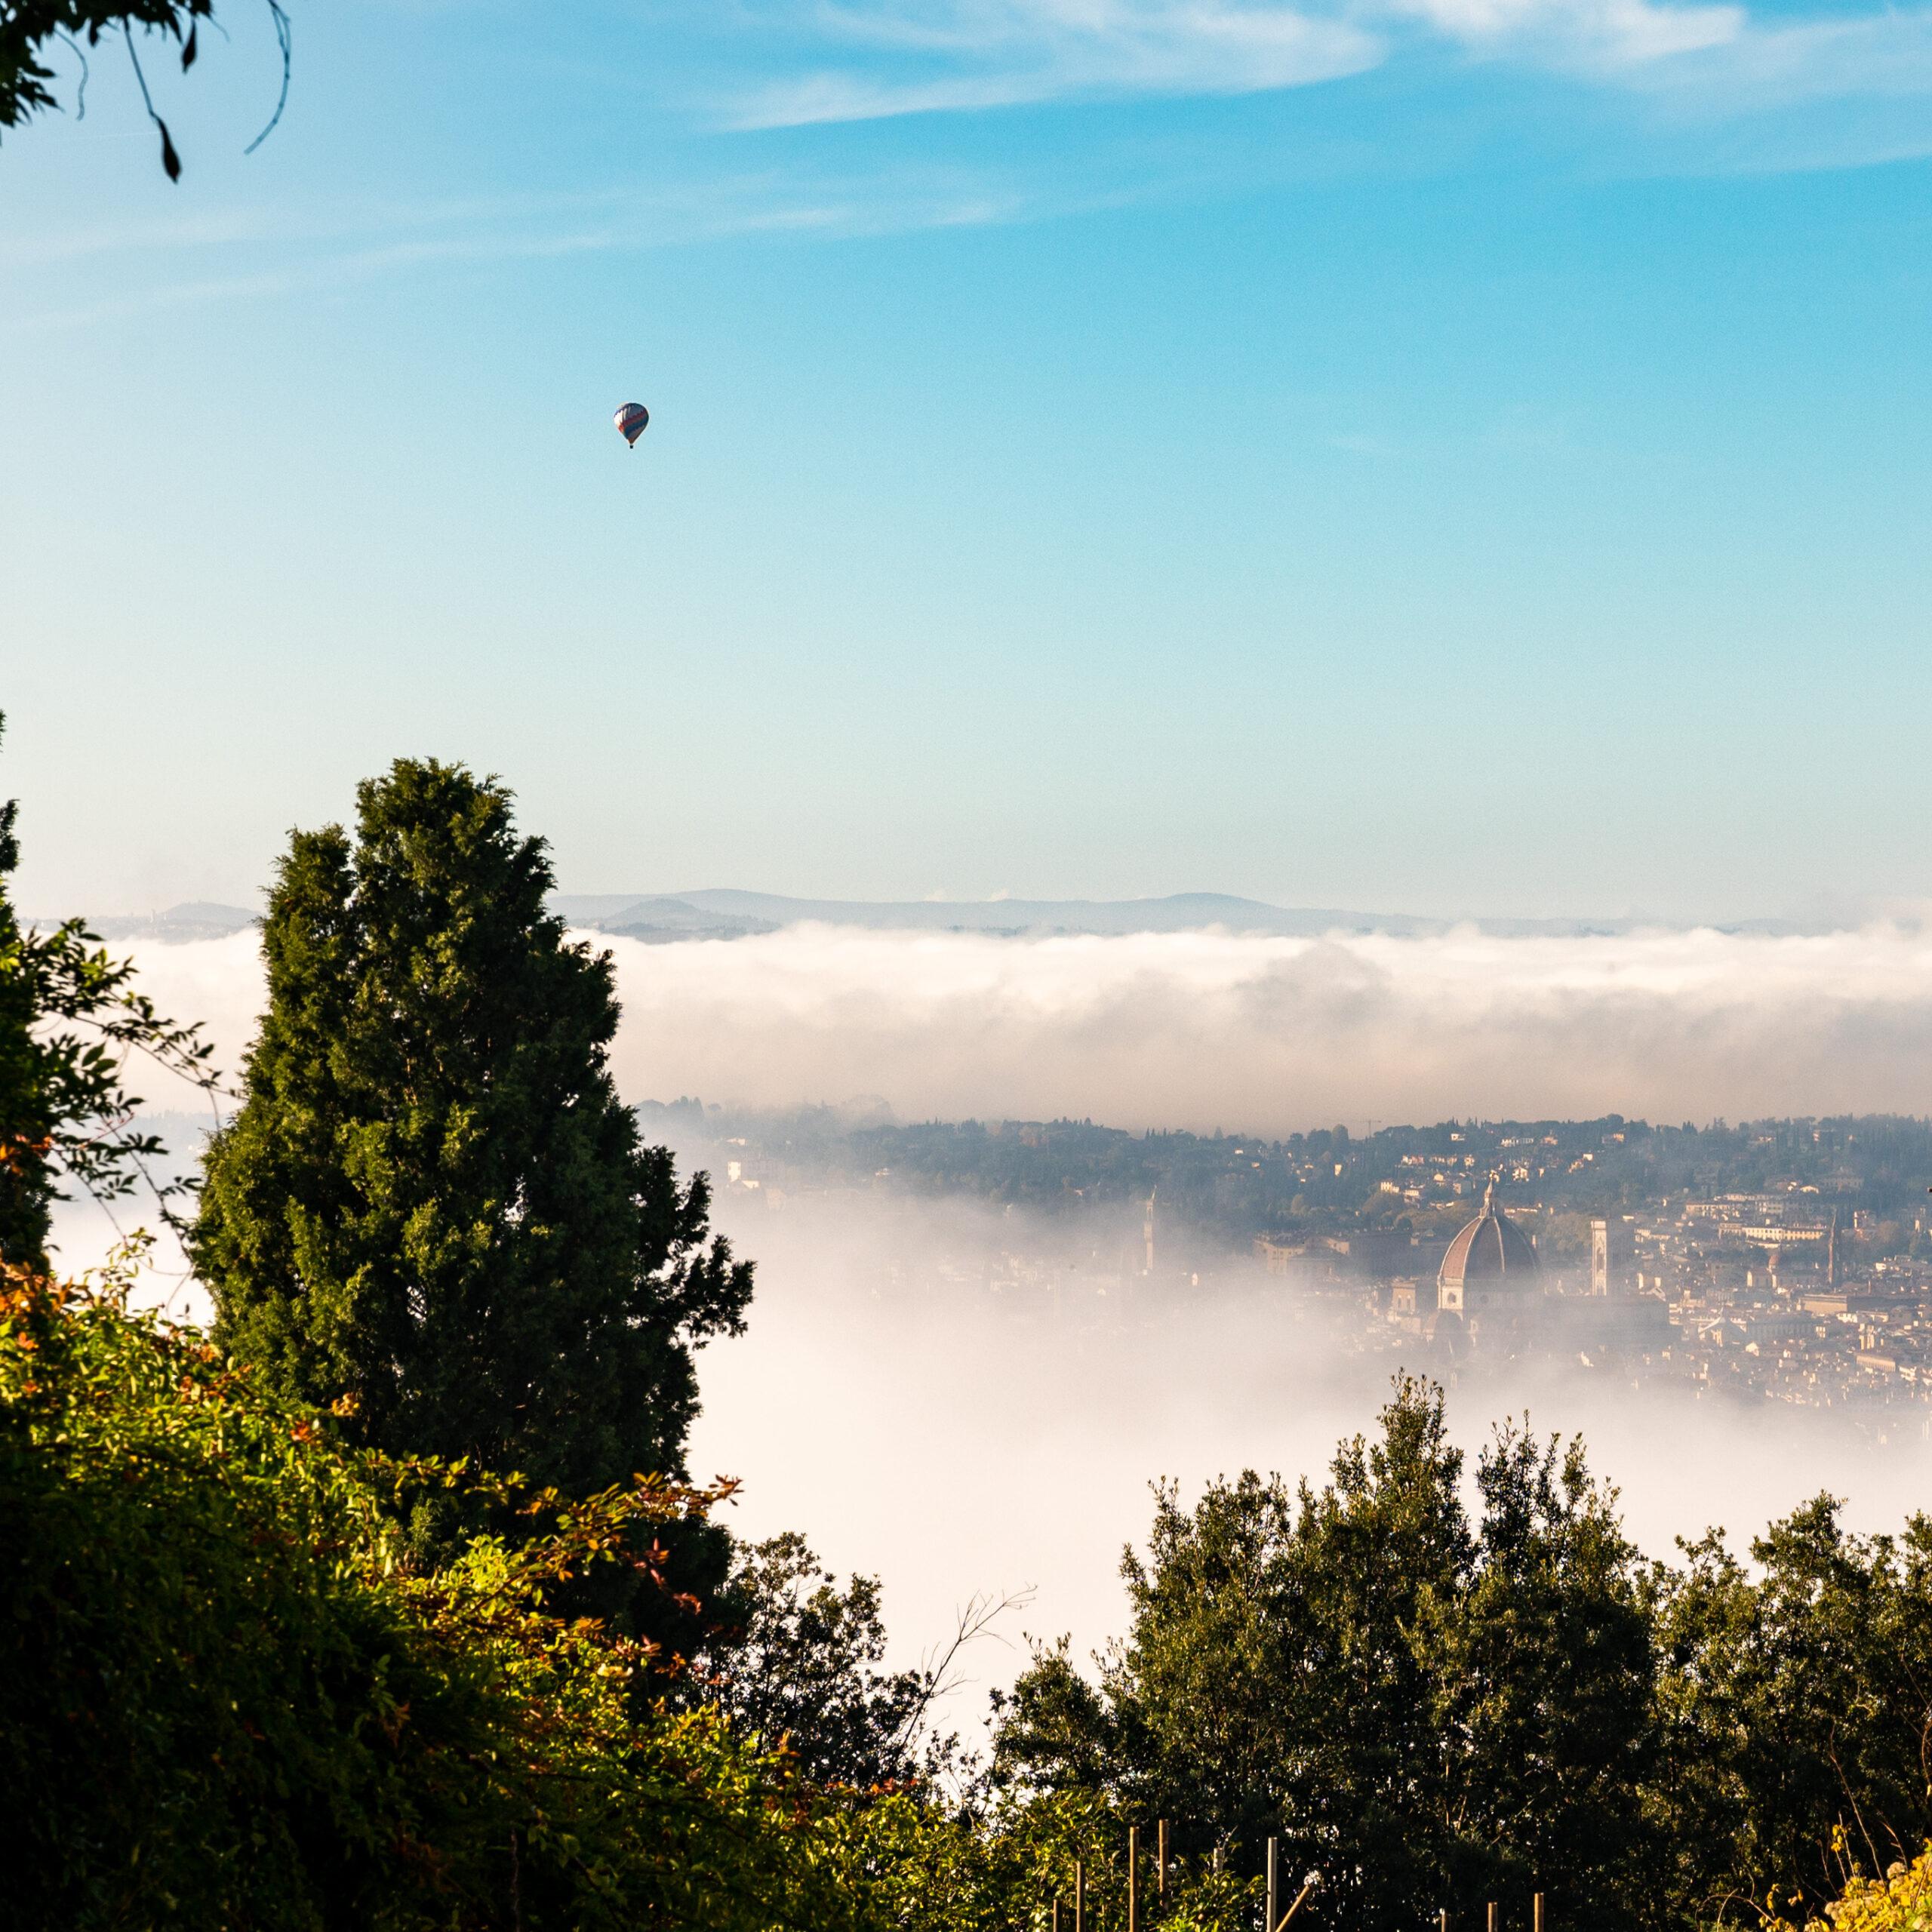 La mongolfiera vola su una Firenze avvolta nella nebbia